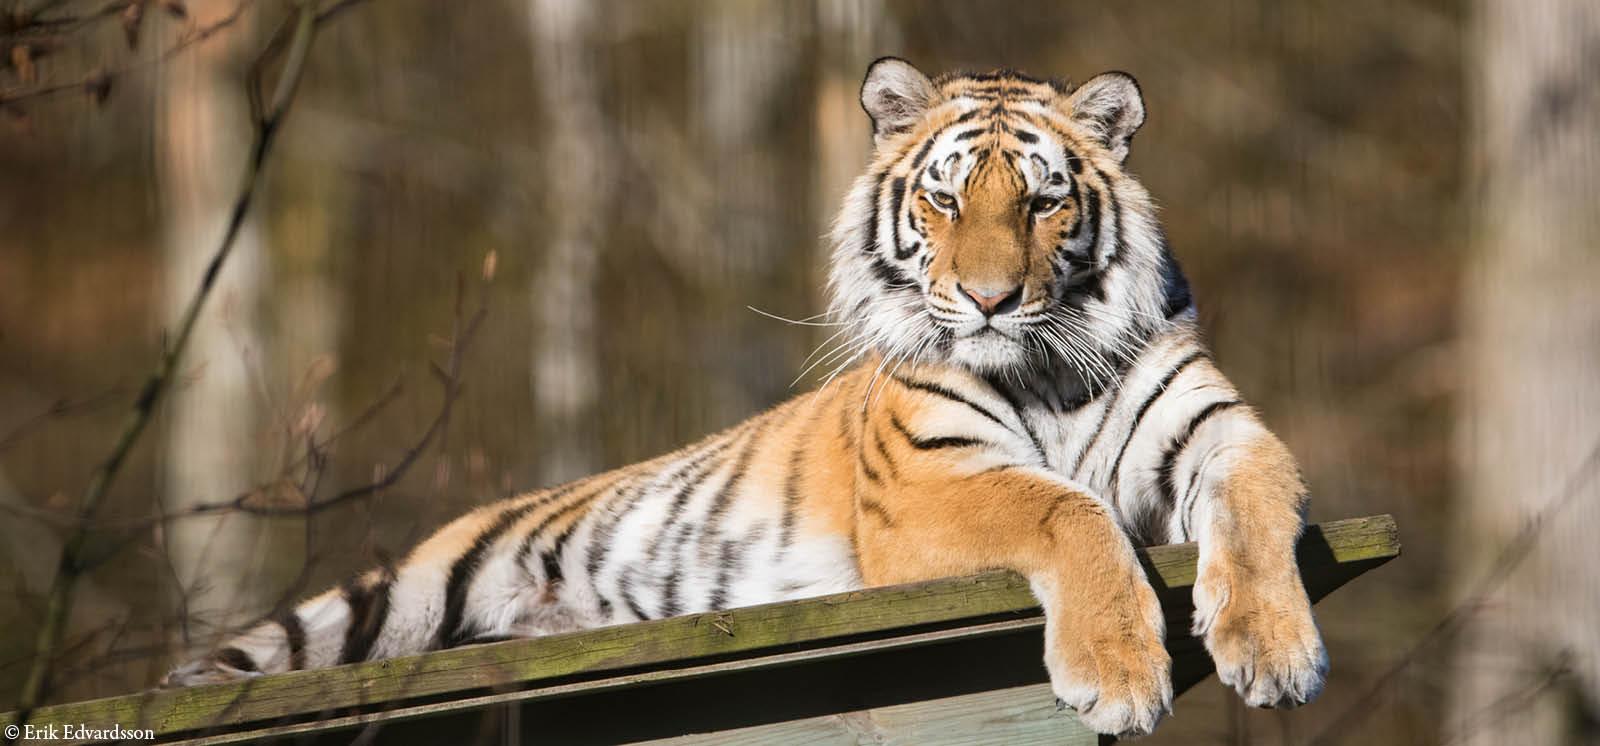 djurbilder1200x560amurtiger.jpg